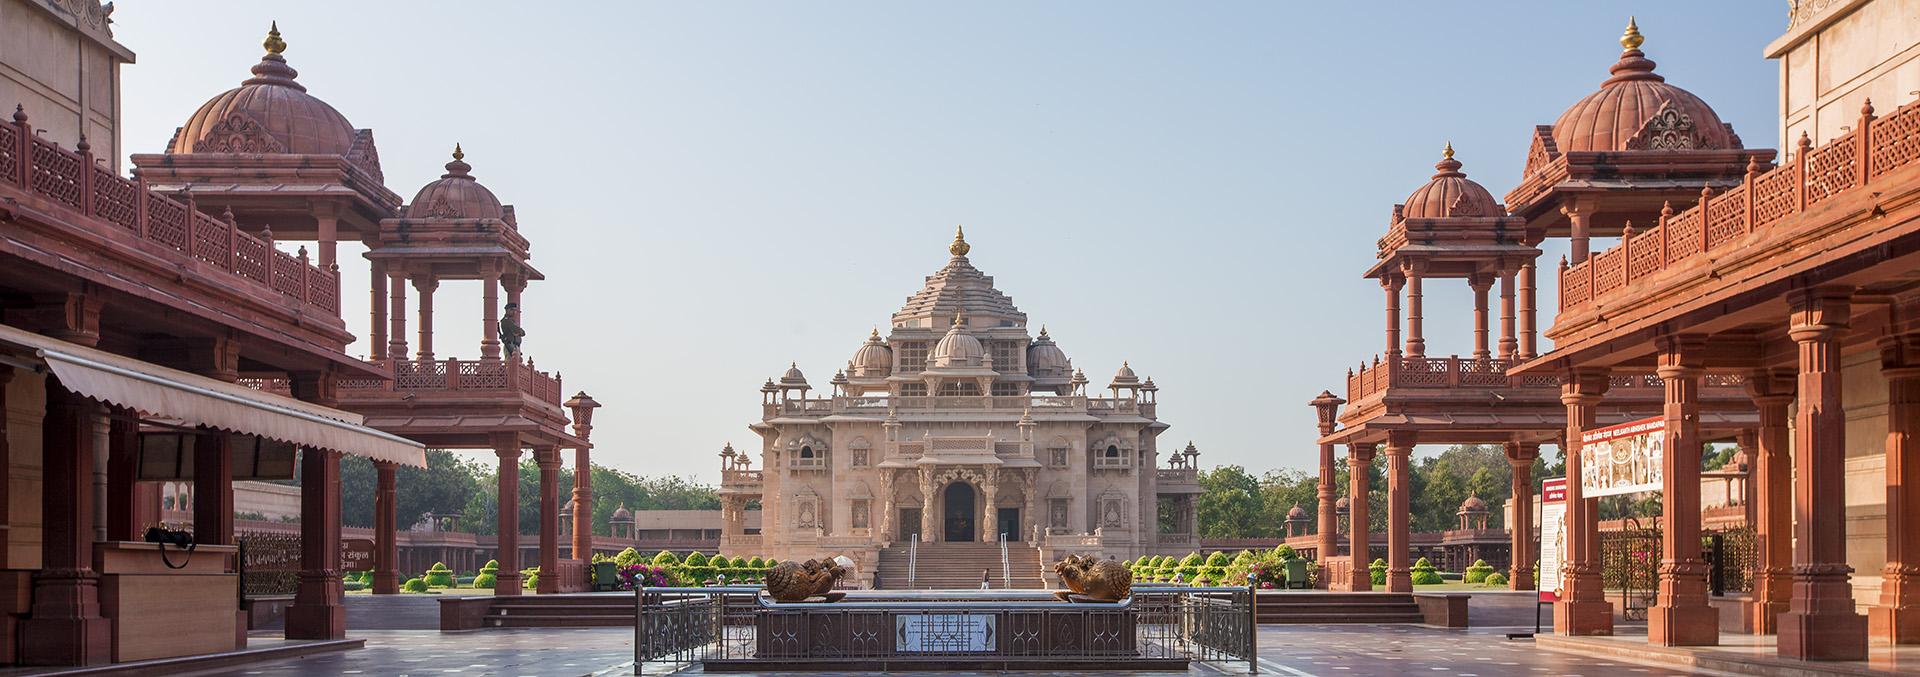 Swaminarayan Akshardham - Making of